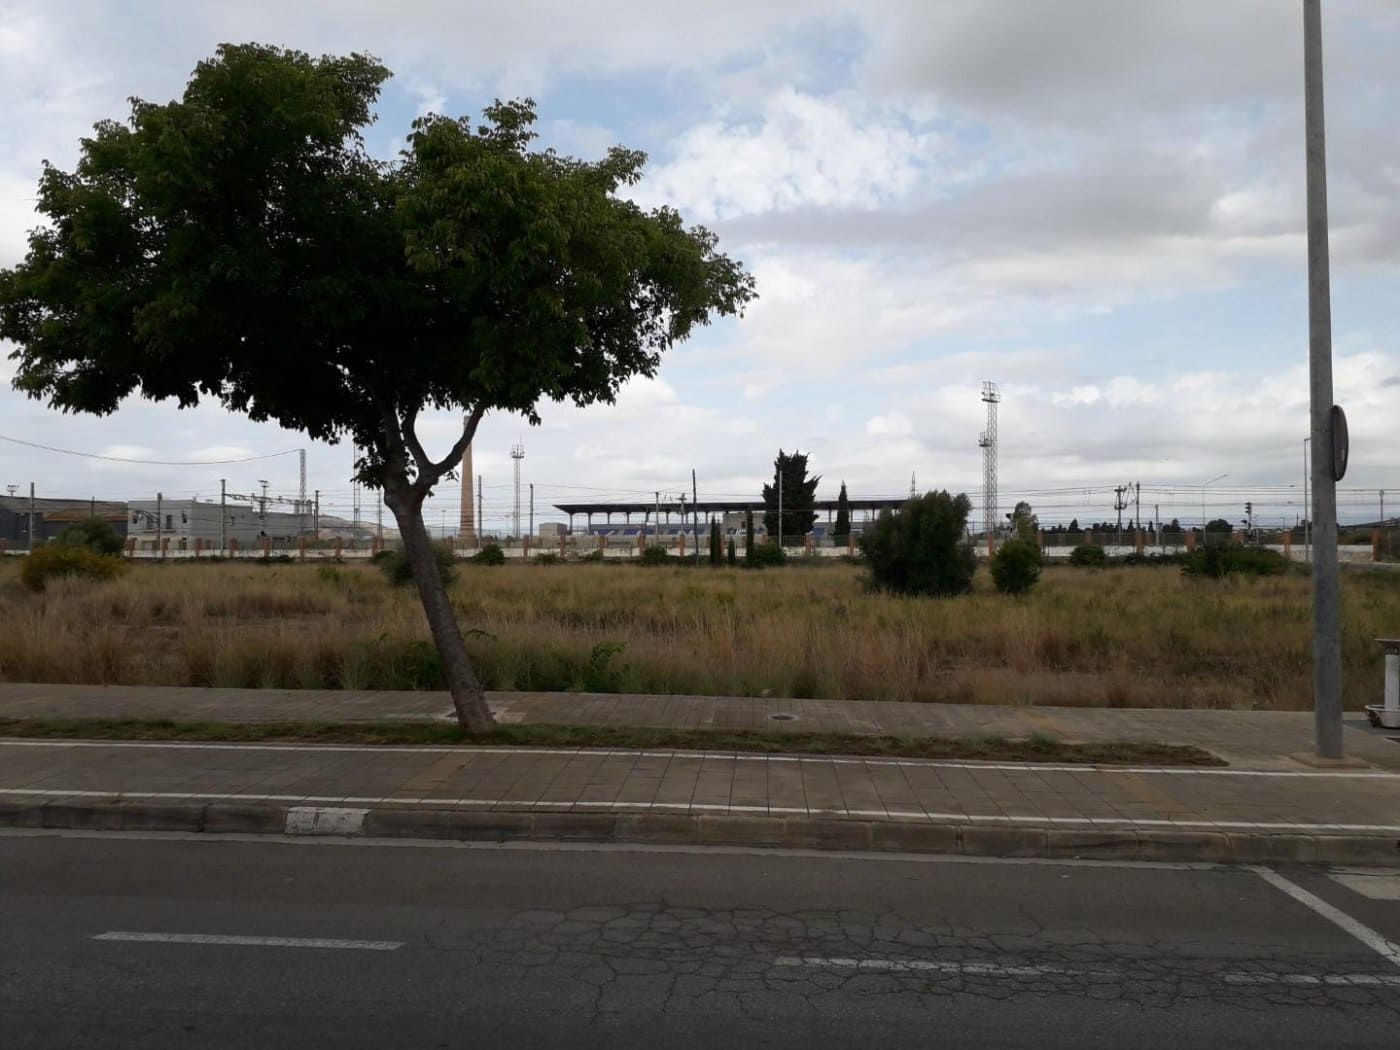 Terrain à Bâtir à vendre à Vinaros - 779 000 € (Ref: 5415947)